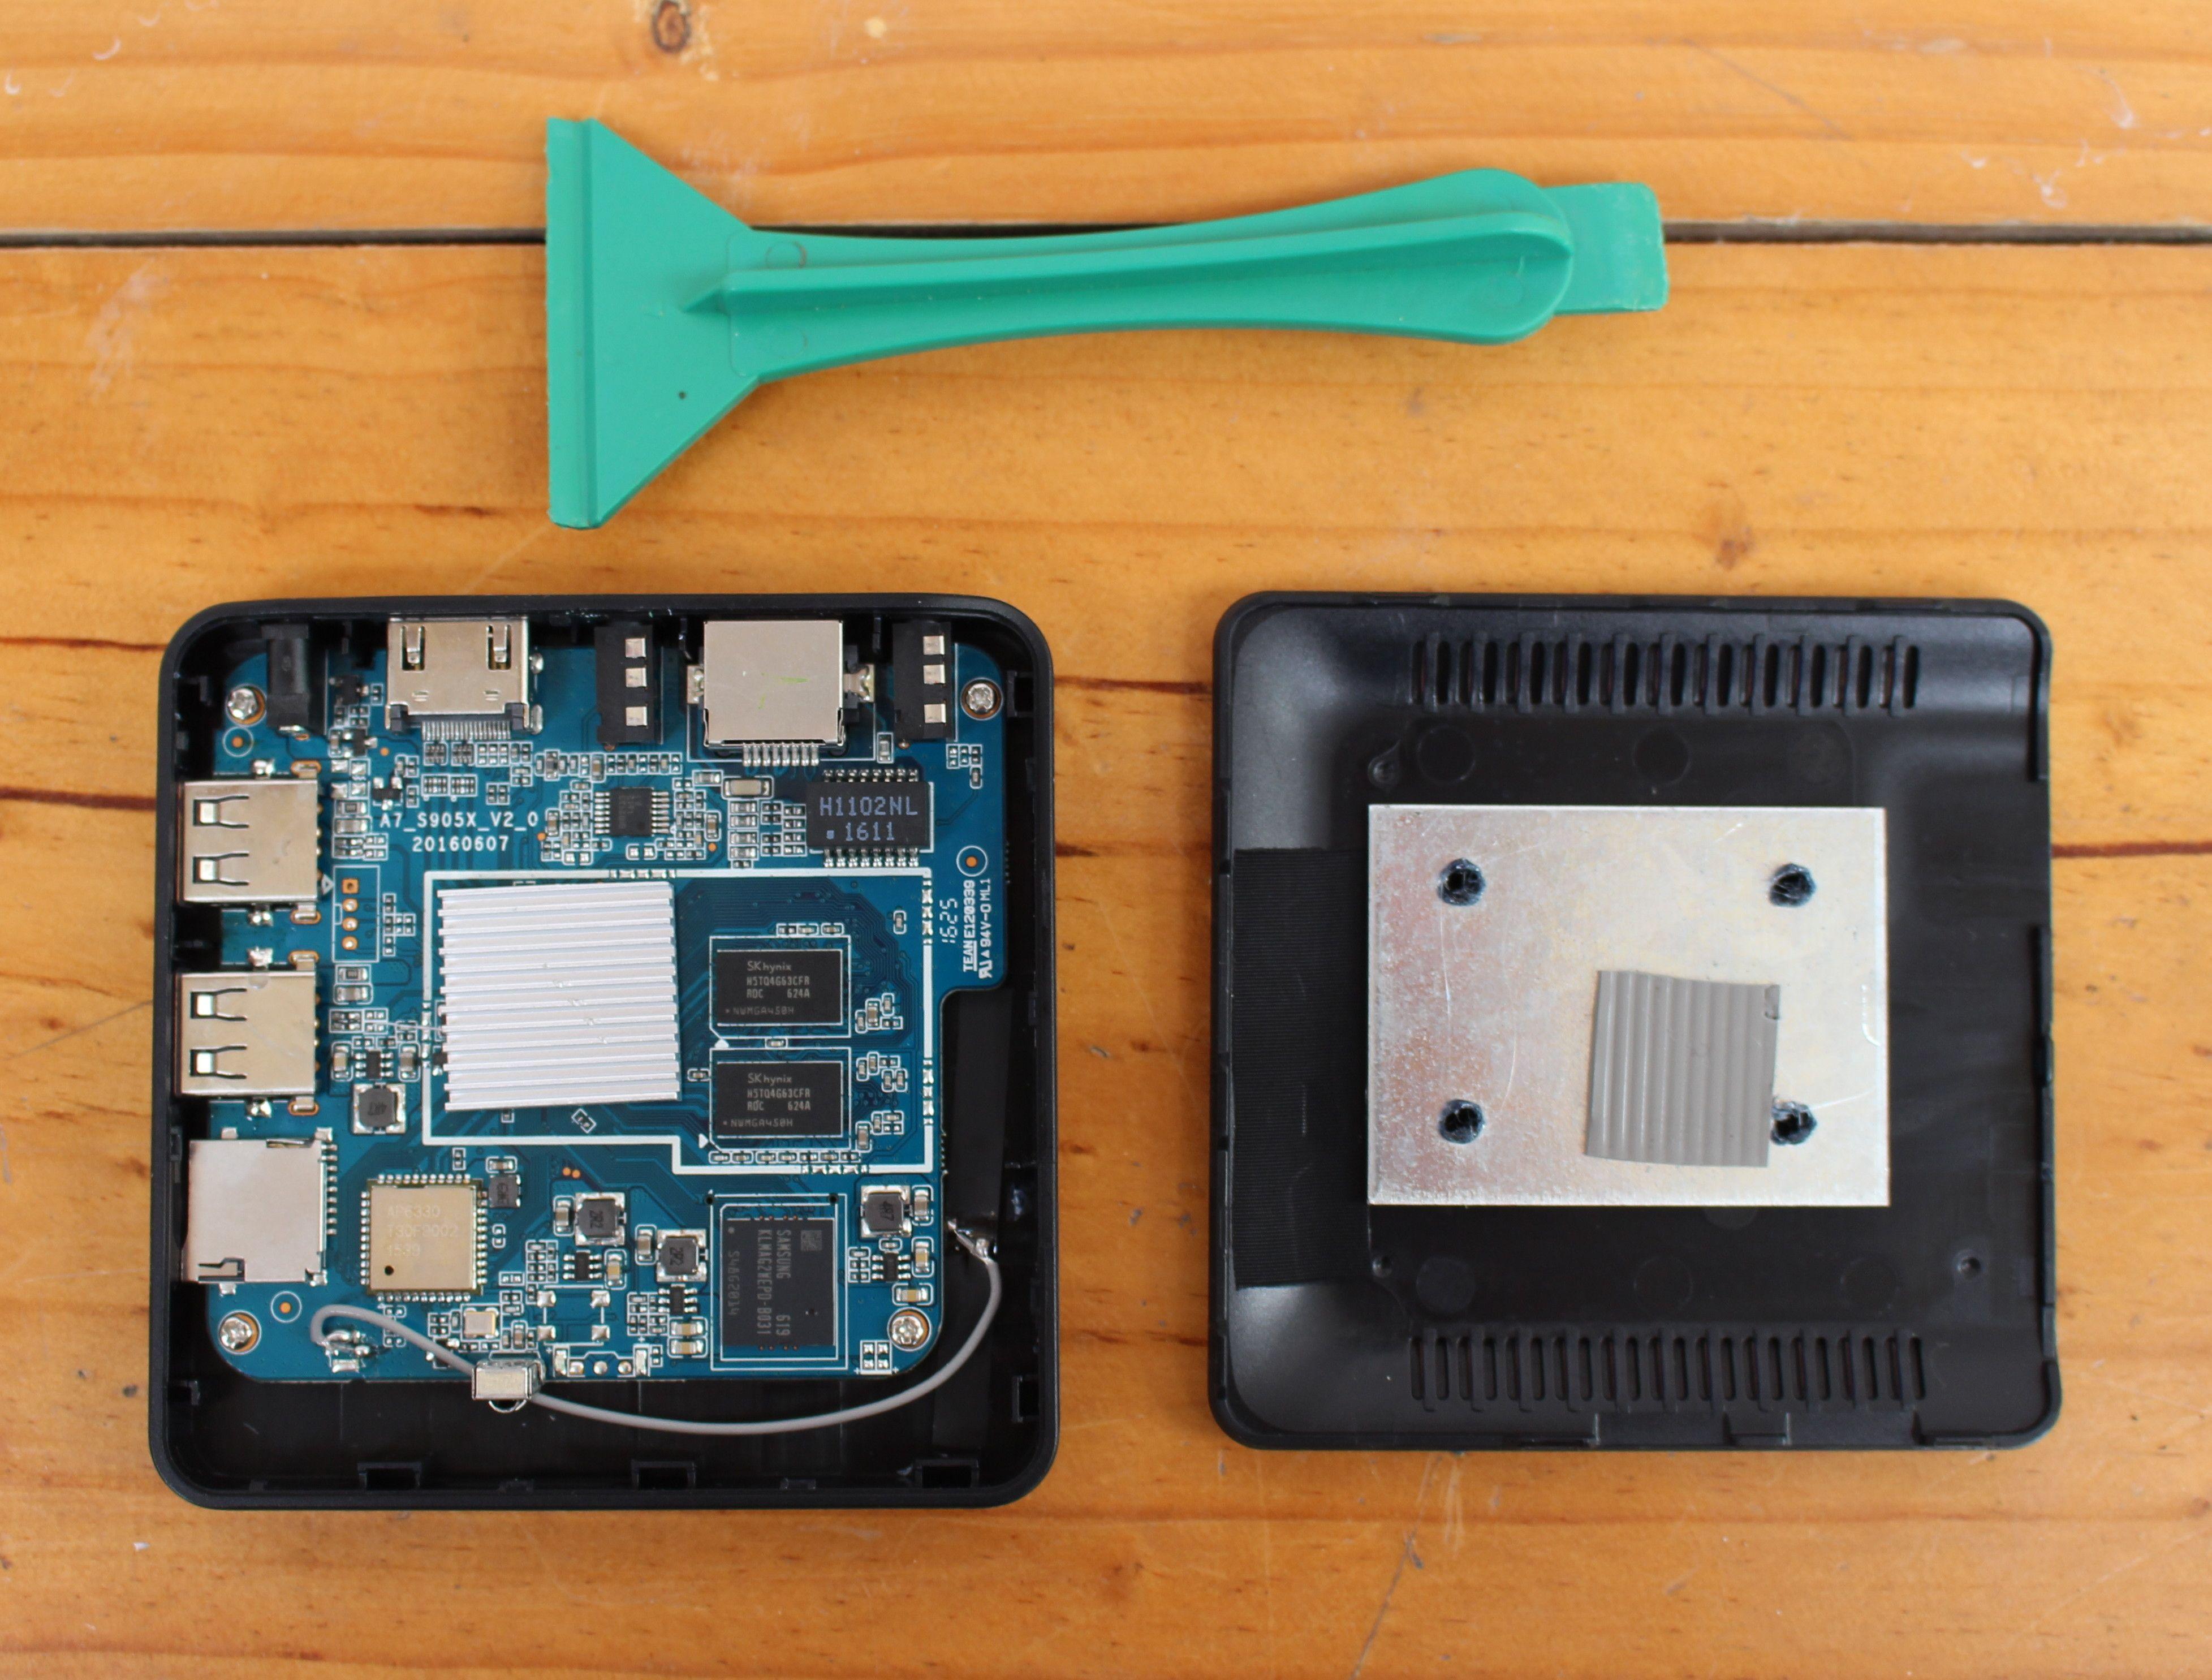 Одним из неприятных моментов использования Nexbox A95X является то, что часто переполняется буфер памяти и это несмотря на то, что тут установлен слот с одним гигабайтом под ОП. По какой-то причине пользователю доступны лишь 300 мегабайт этой самой памяти и поэтому рекомендуется пользоваться предустановленной утилитой Clean Memory как можно чаще.